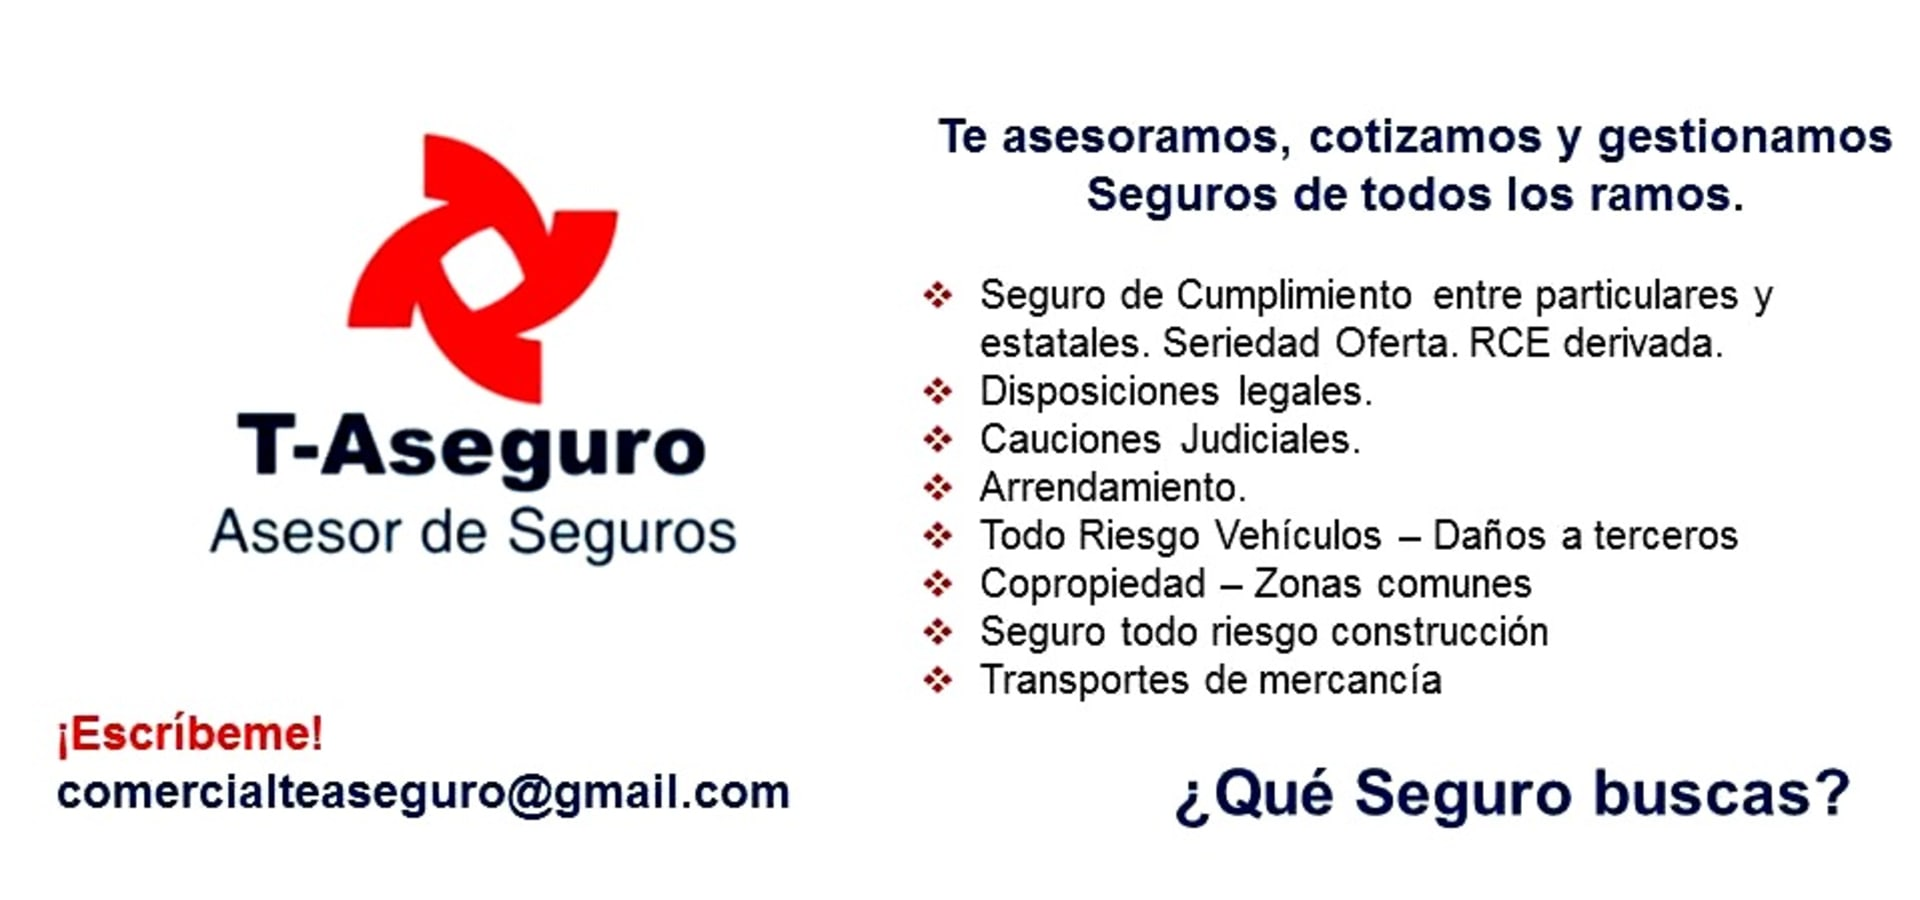 T-ASEGURO